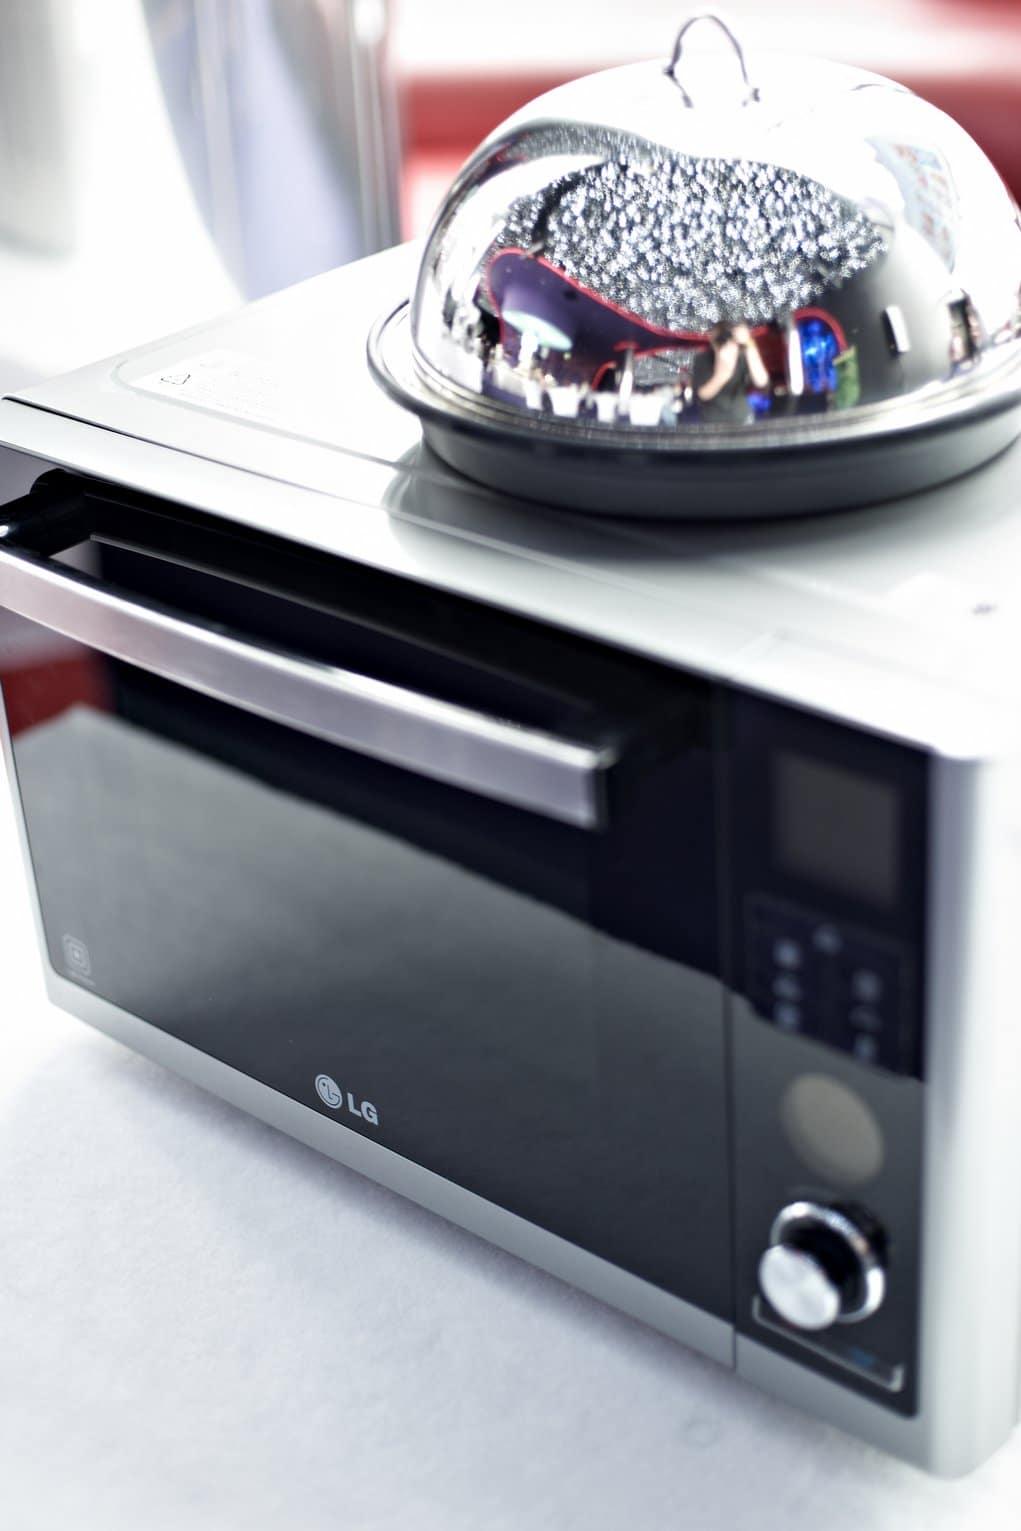 Połączenie technologii Lightwave oraz grzałki Charcoal Lighting Heater pomaga w przygotowywaniu wyszukanych potraw, oszczędzając czas i energię.